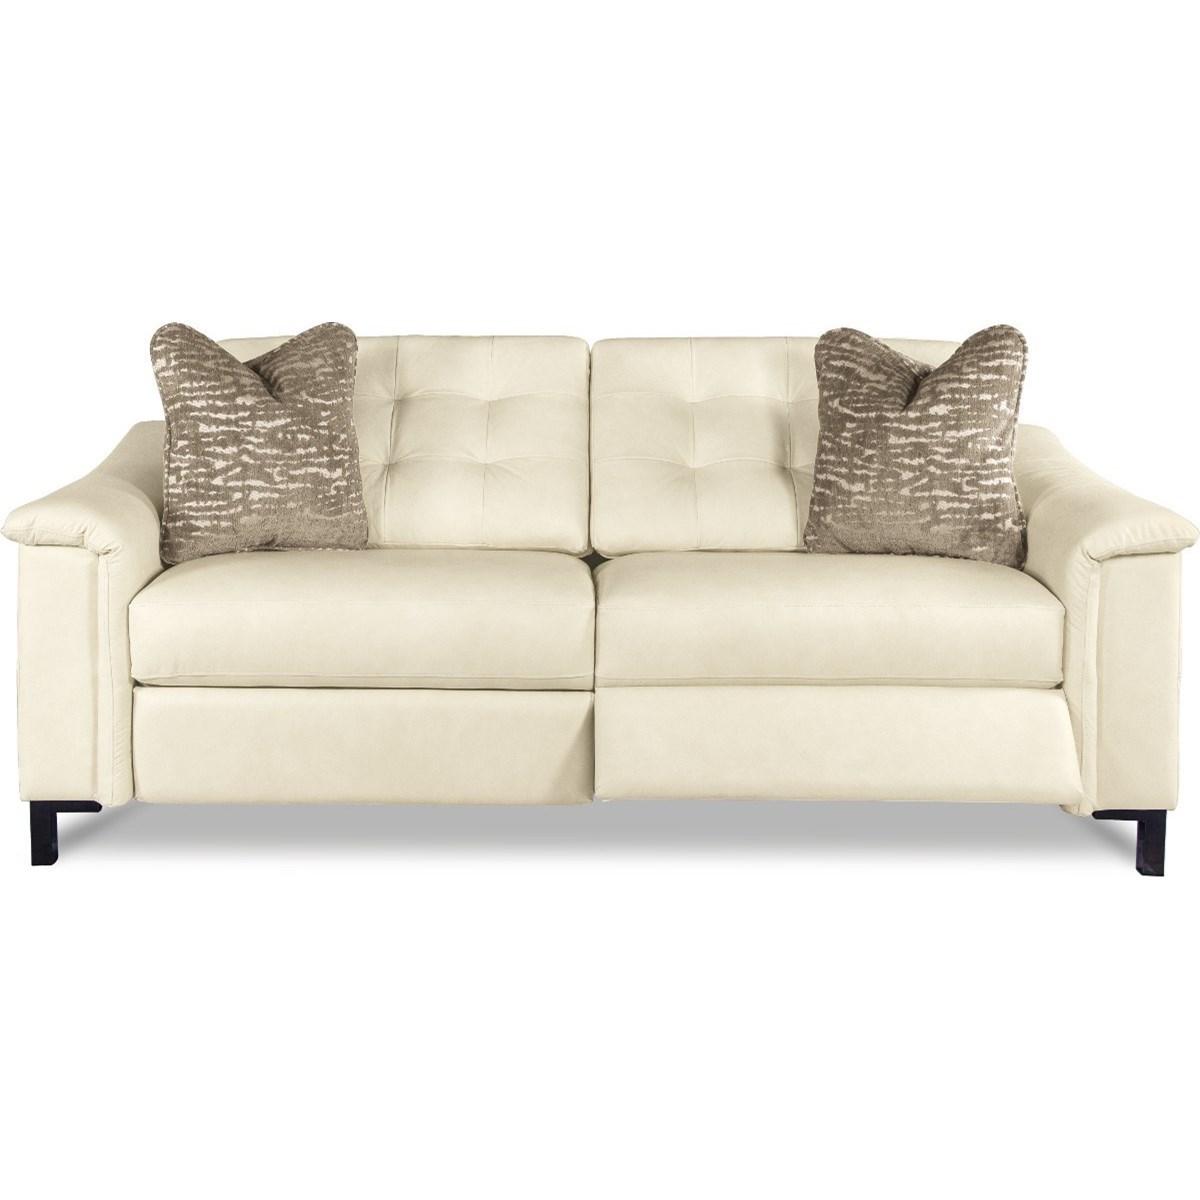 La Z Boy Luke Duo Power Reclining Two Seat Sofa With Usb